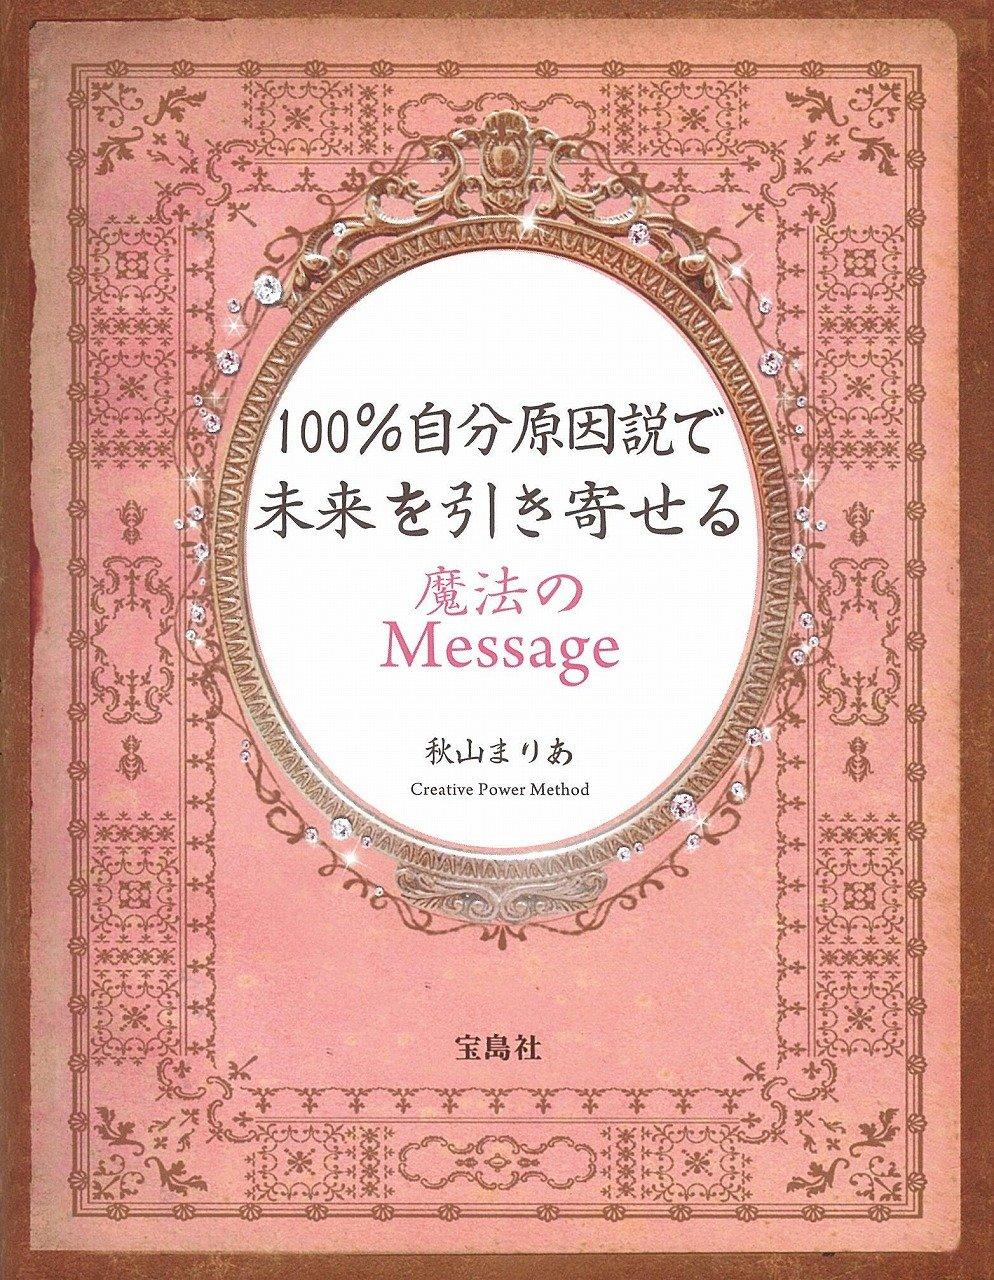 Hyakupāsento jibun gen'insetsu de mirai o hikiyoseru mahō no messēji pdf